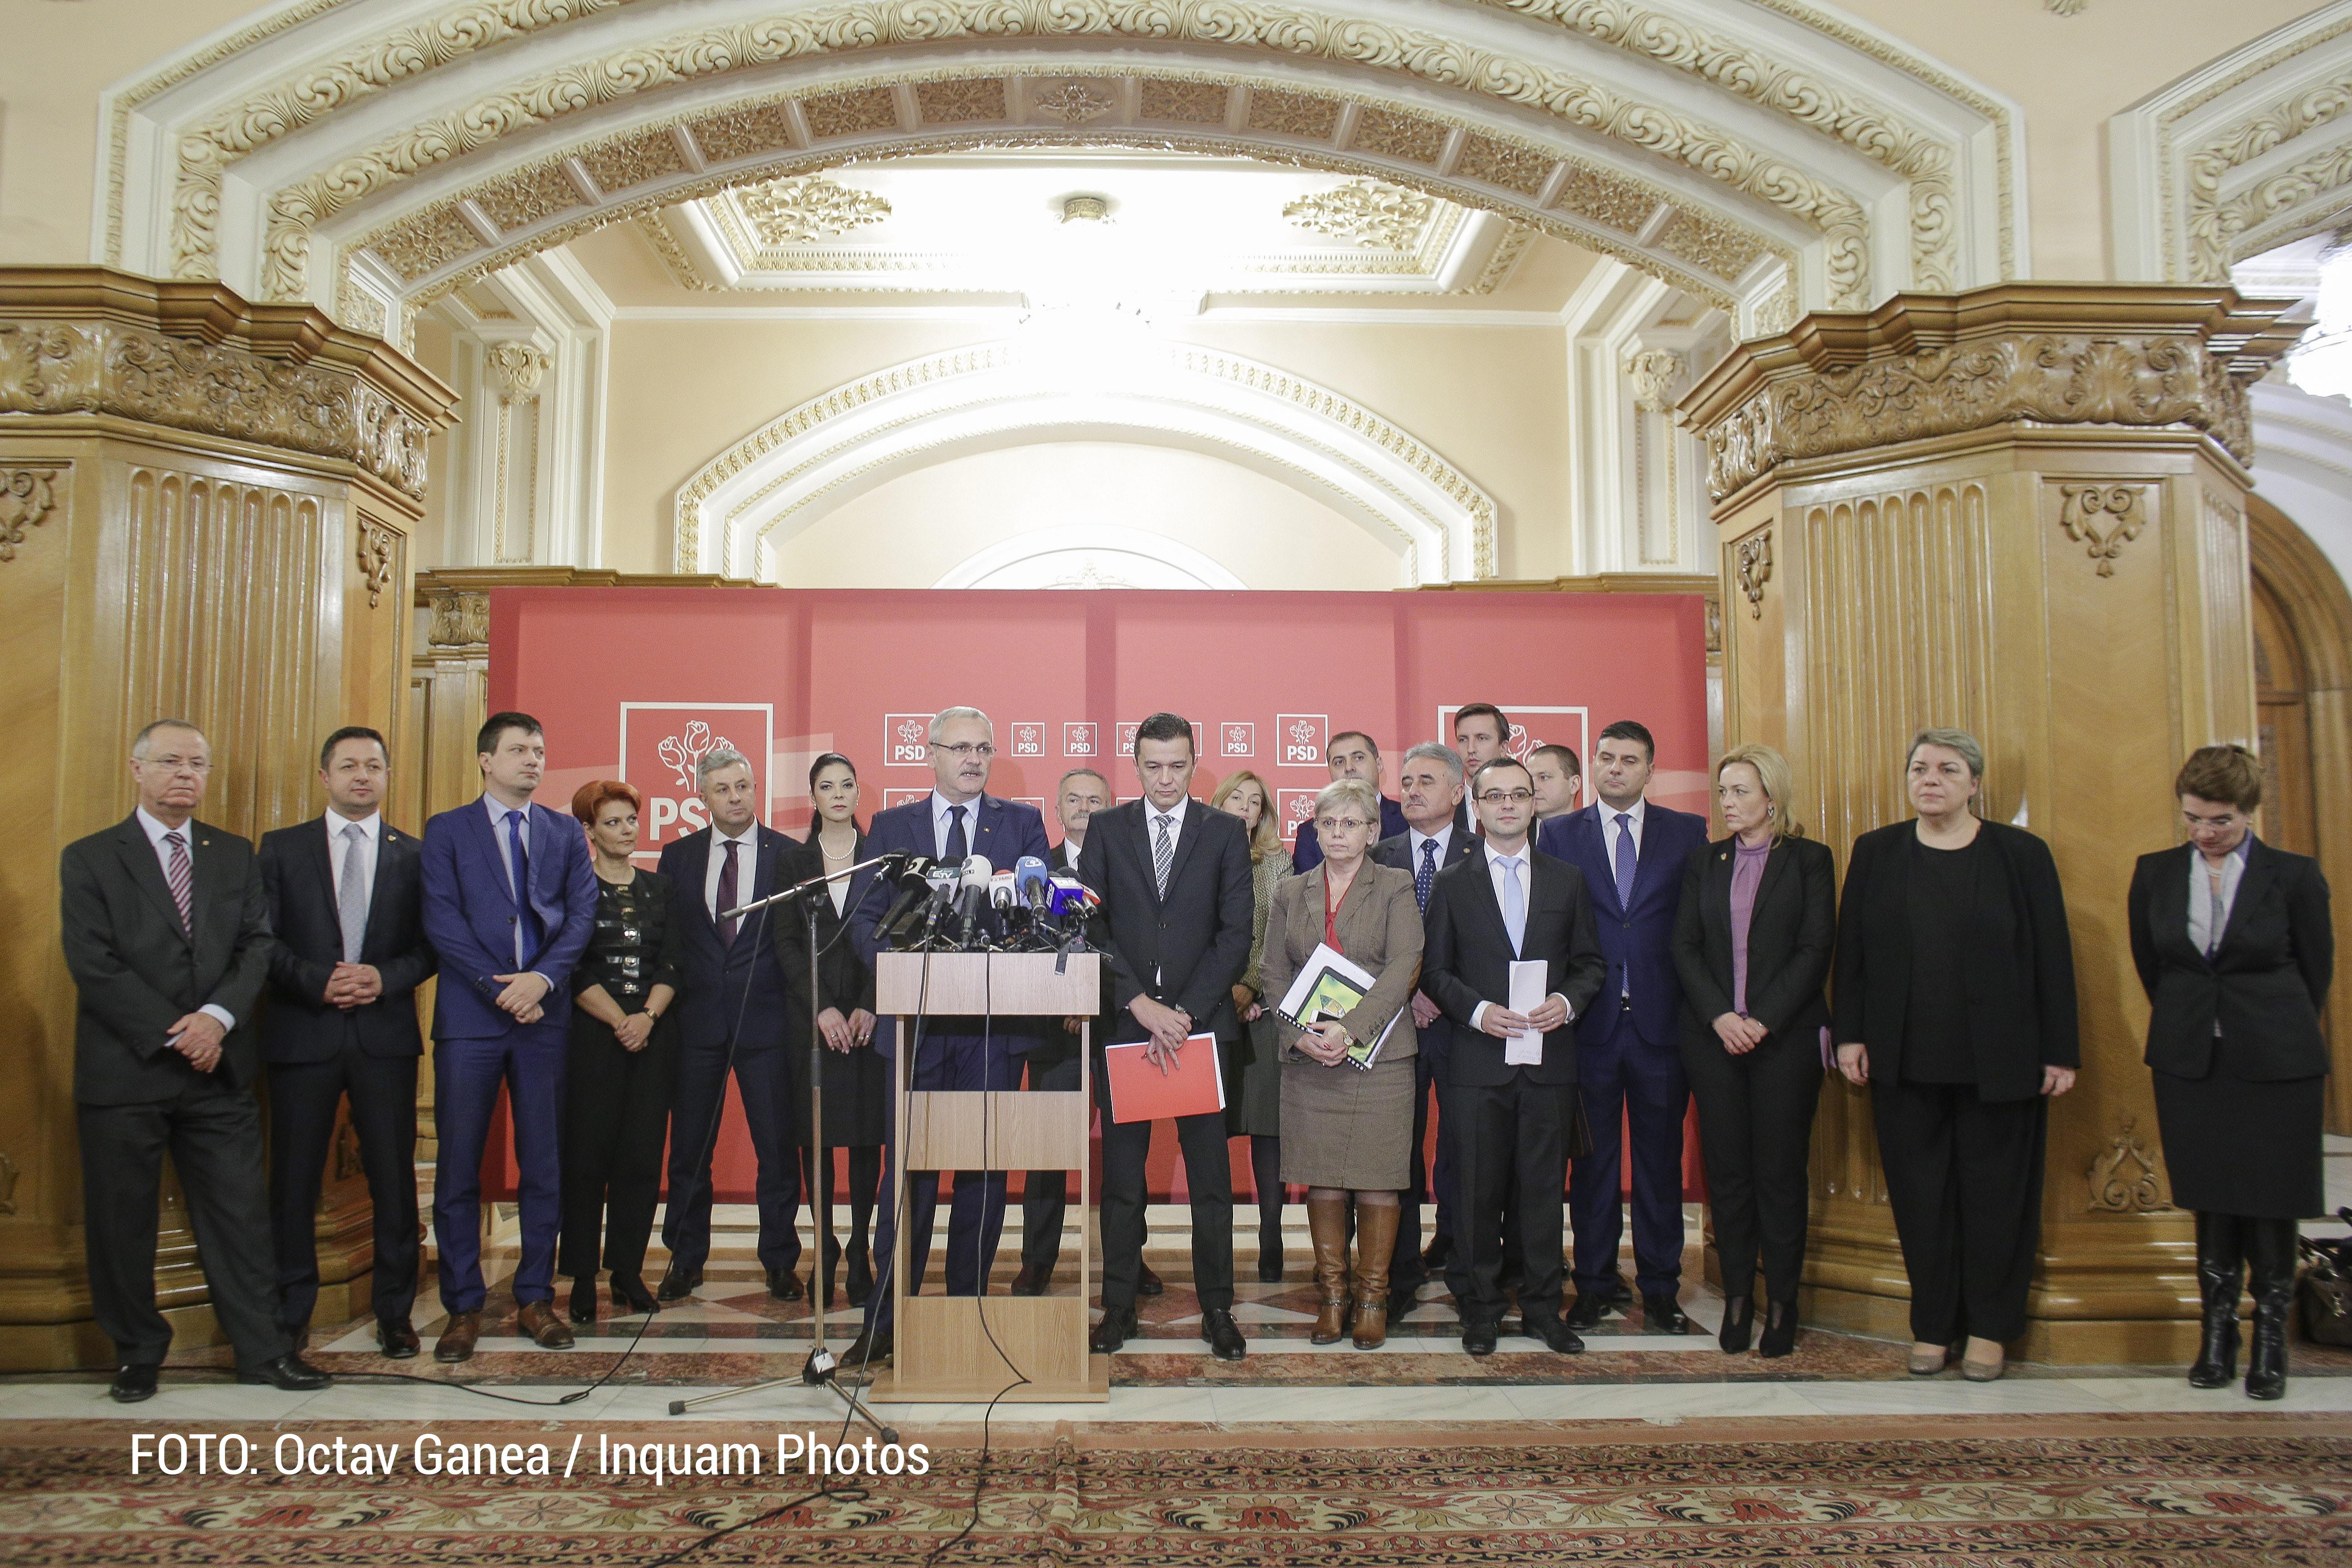 Ministrul Florin Jianu a anuntat ca demisioneaza din Guvernul Grindeanu: Ma opresc aici pentru ca asa imi dicteaza constiinta